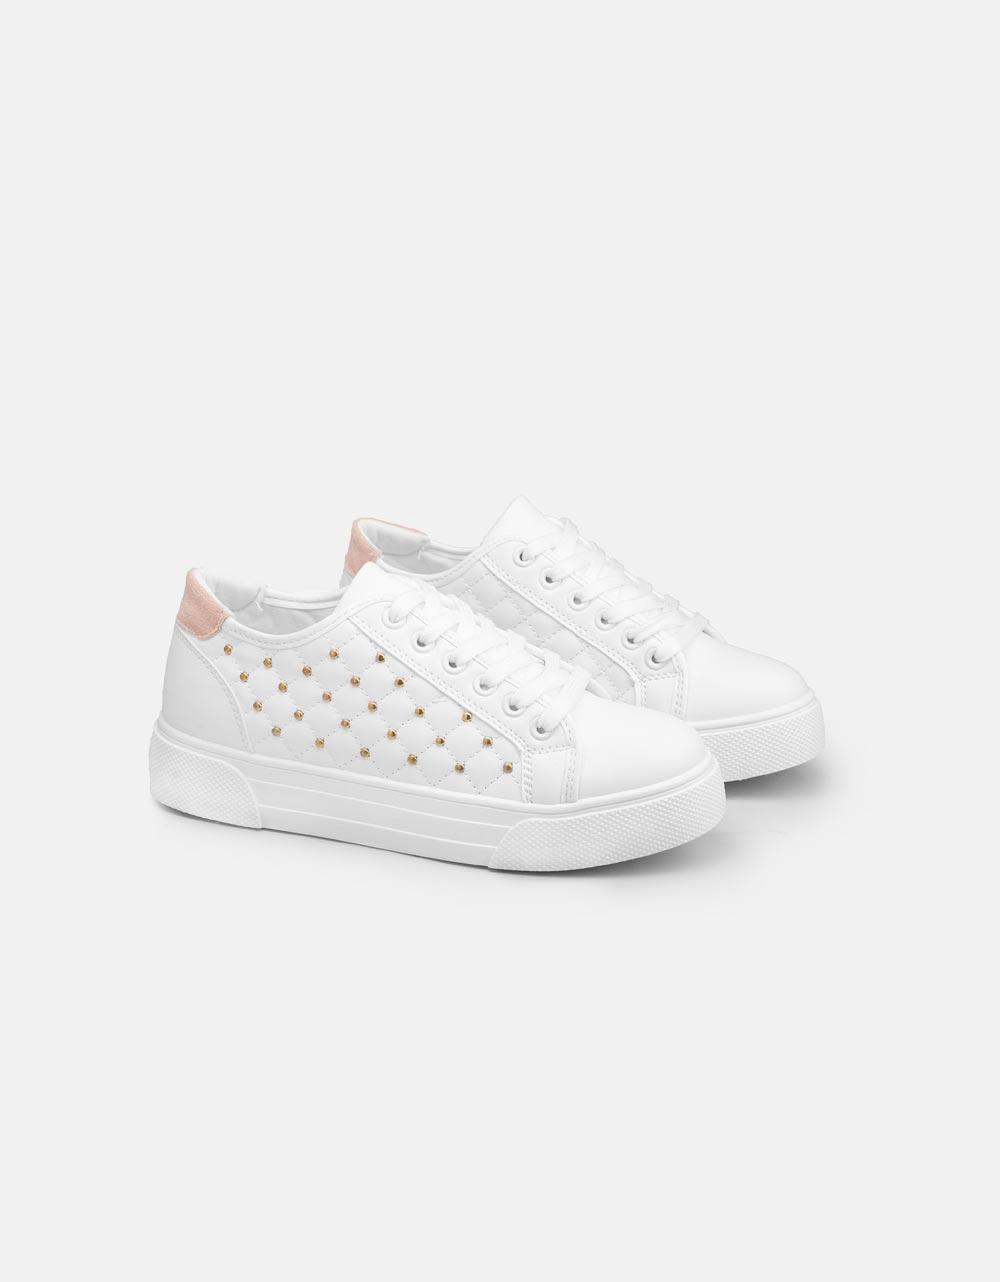 Εικόνα από Γυναικεία sneakers με strass στο πλαινό μέρος Λευκό